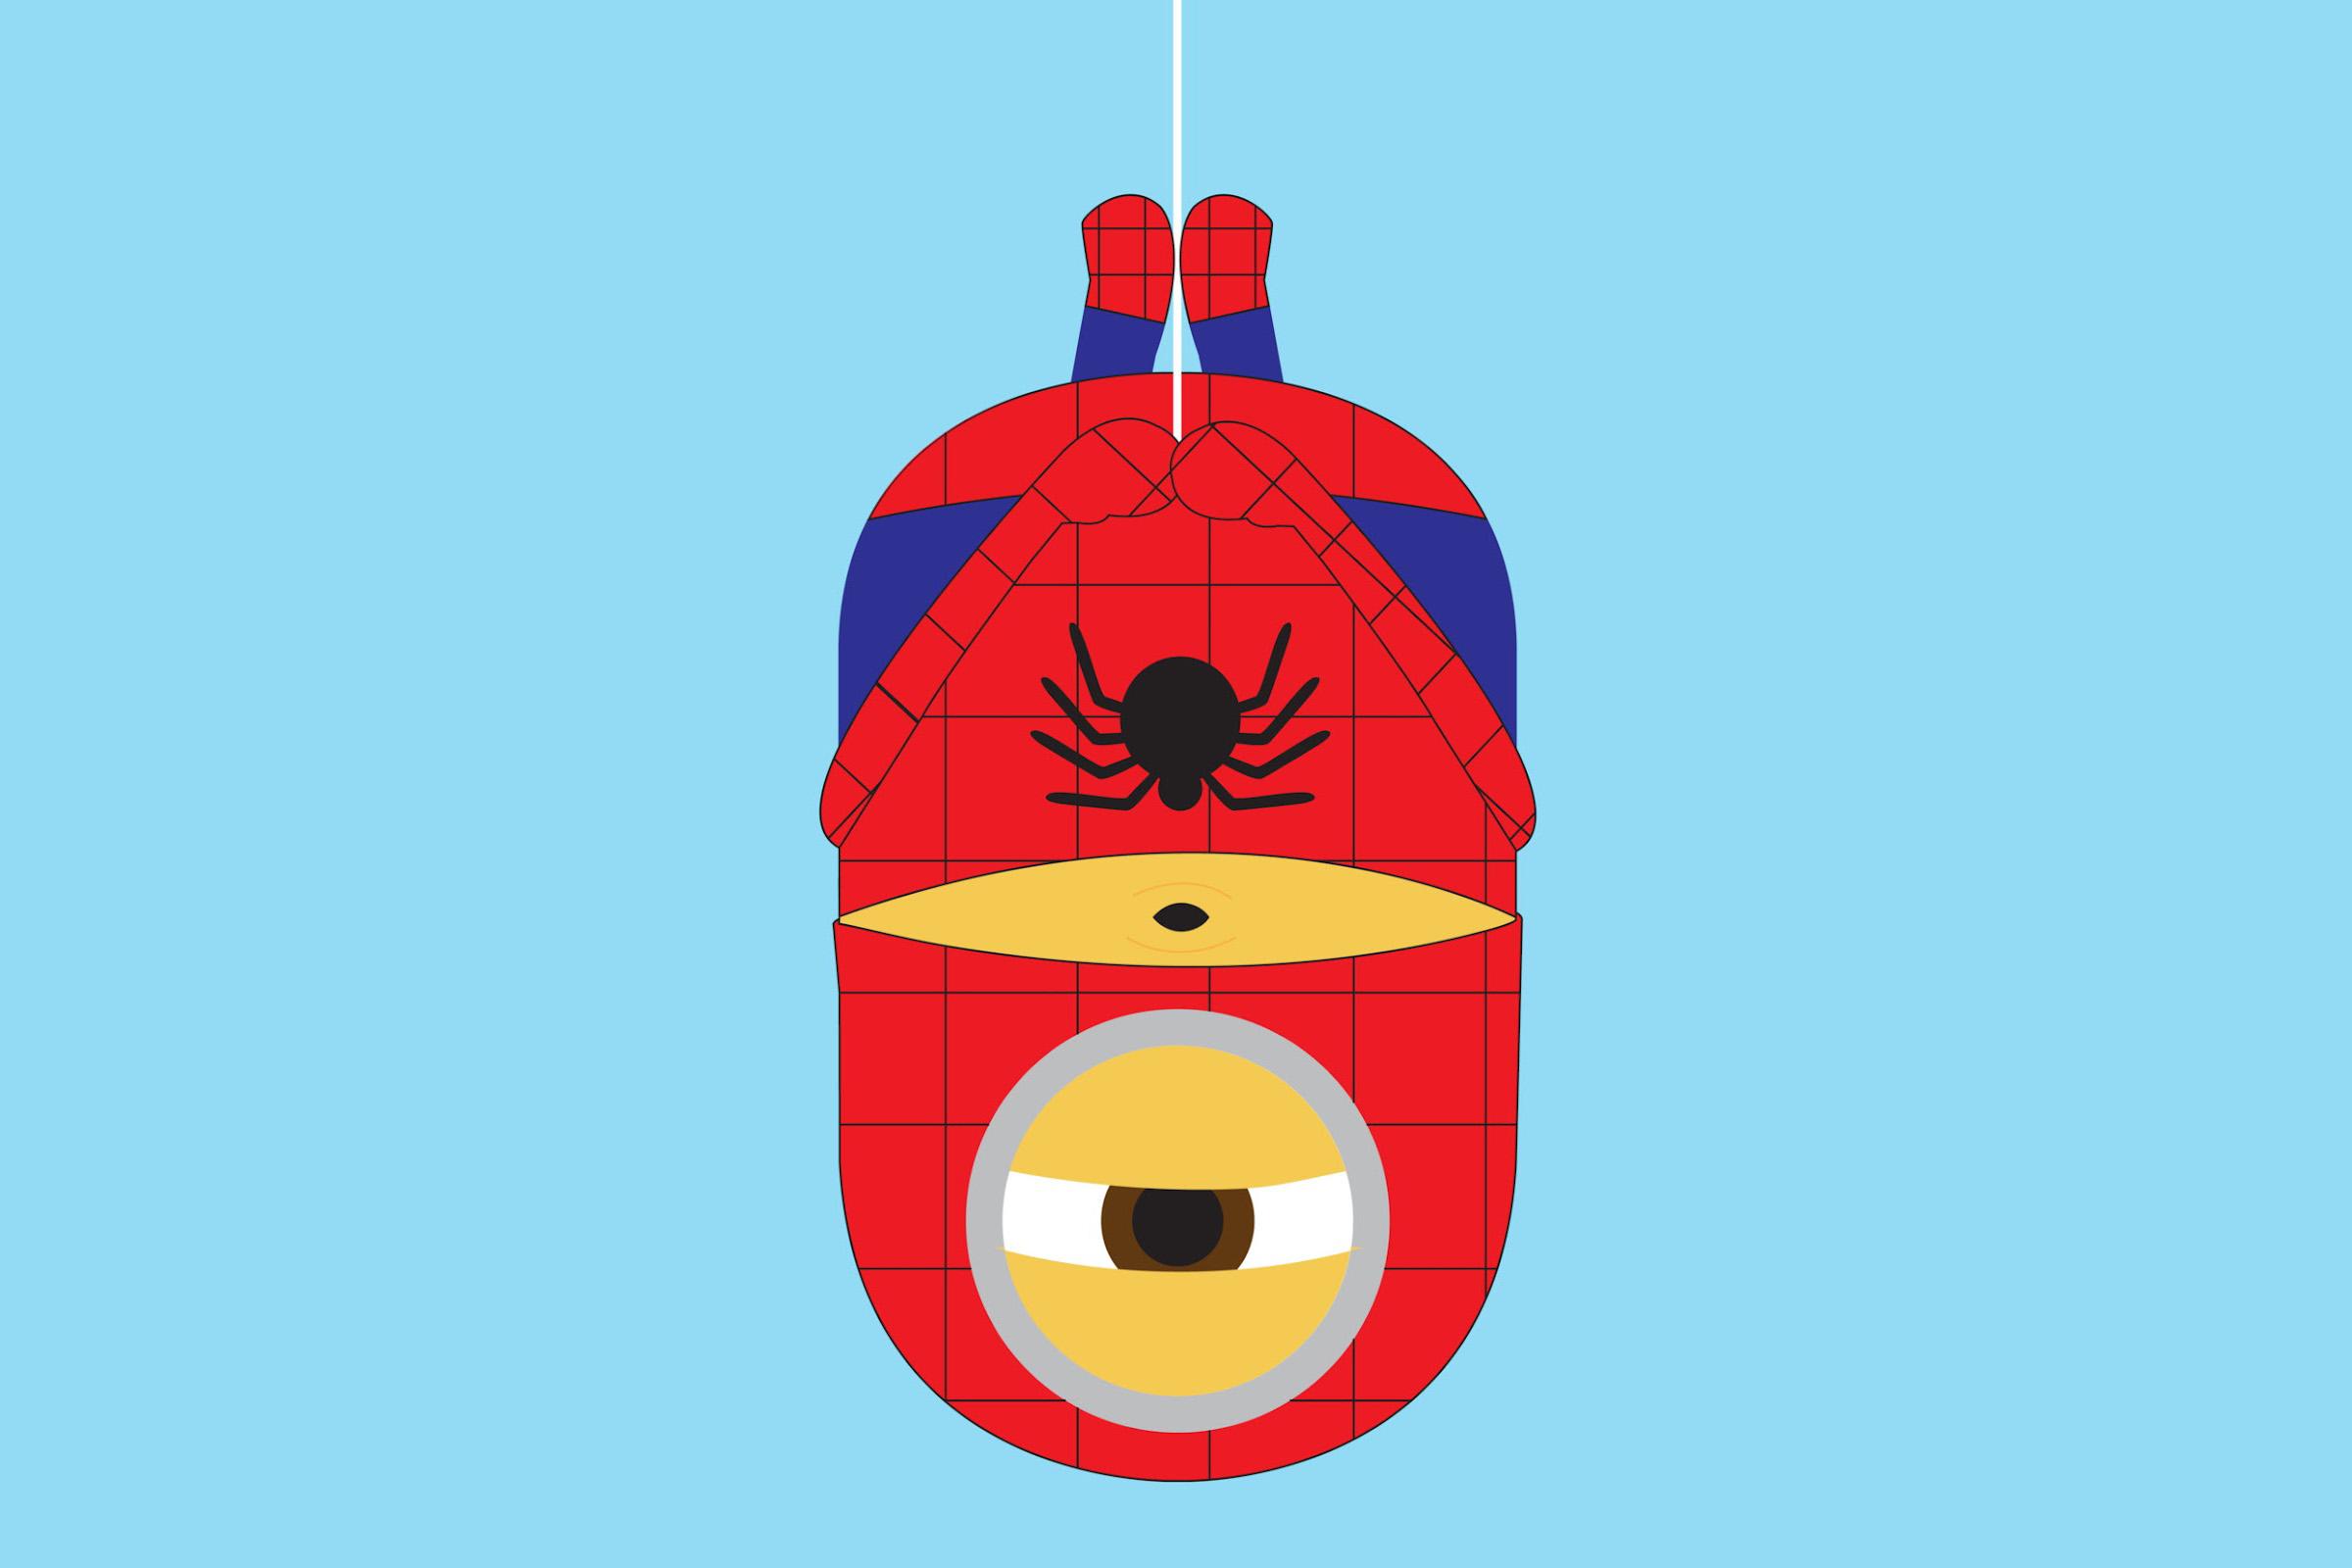 Spiderman clipart minion Minion Clip Art Art Spider